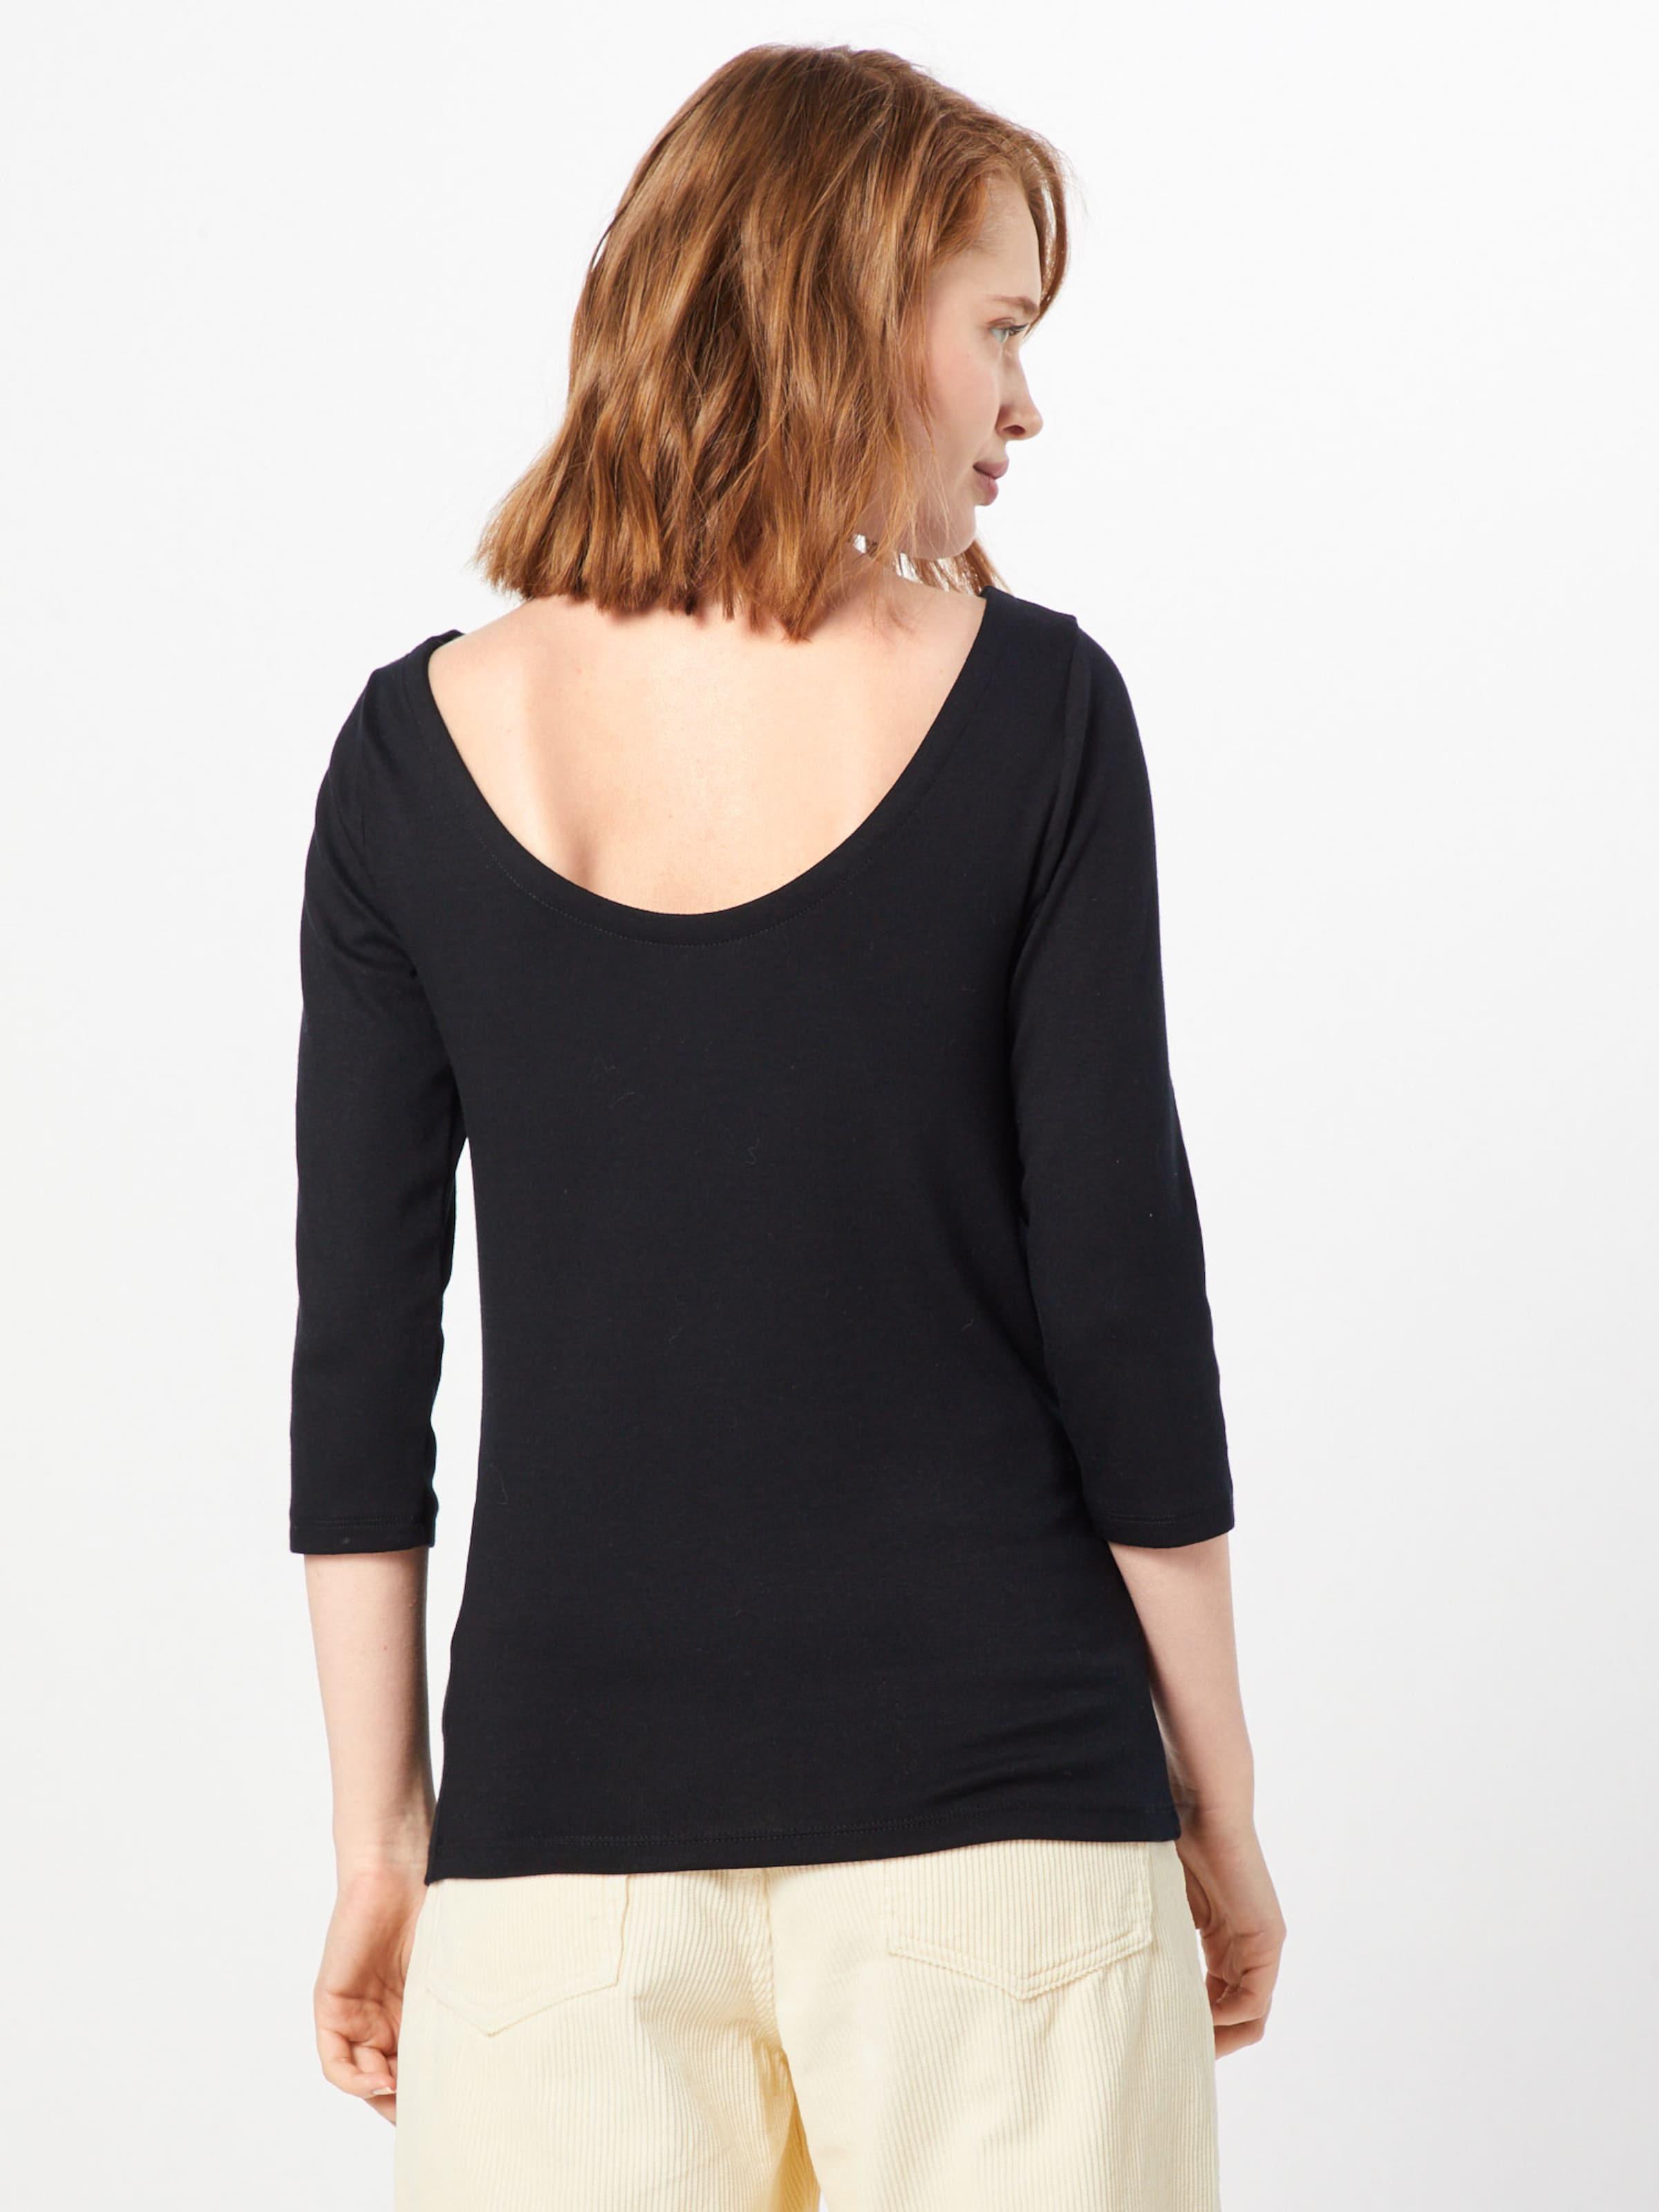 Mod En Ballet Bk' shirt Gap T 'ss Noir 54A3RjL